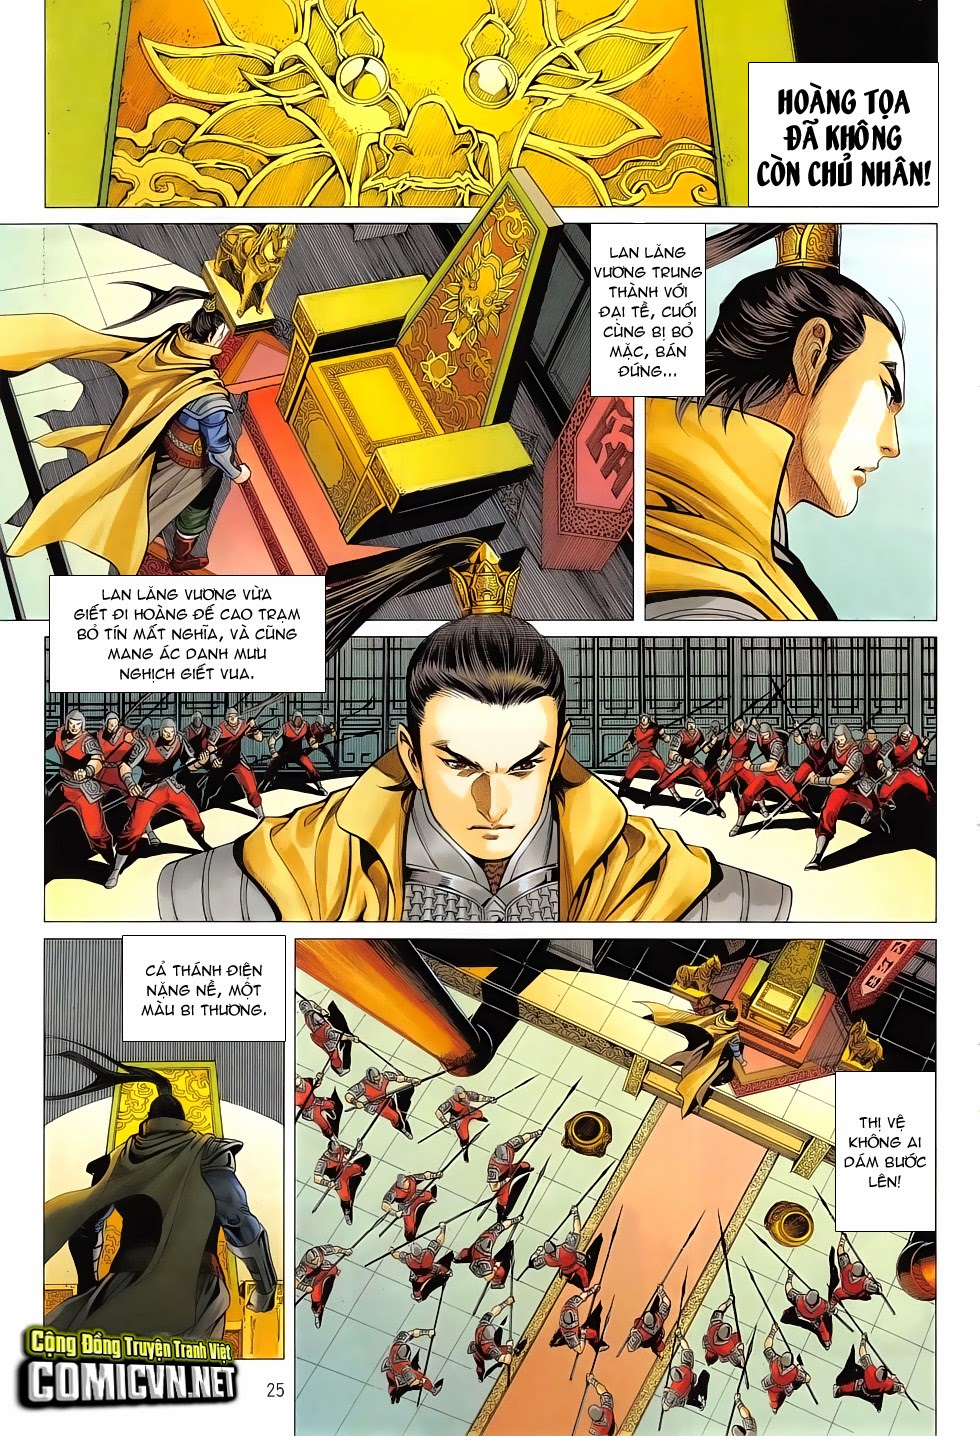 Chiến Phổ chapter 7: giết mi không chỉ mình ta trang 25